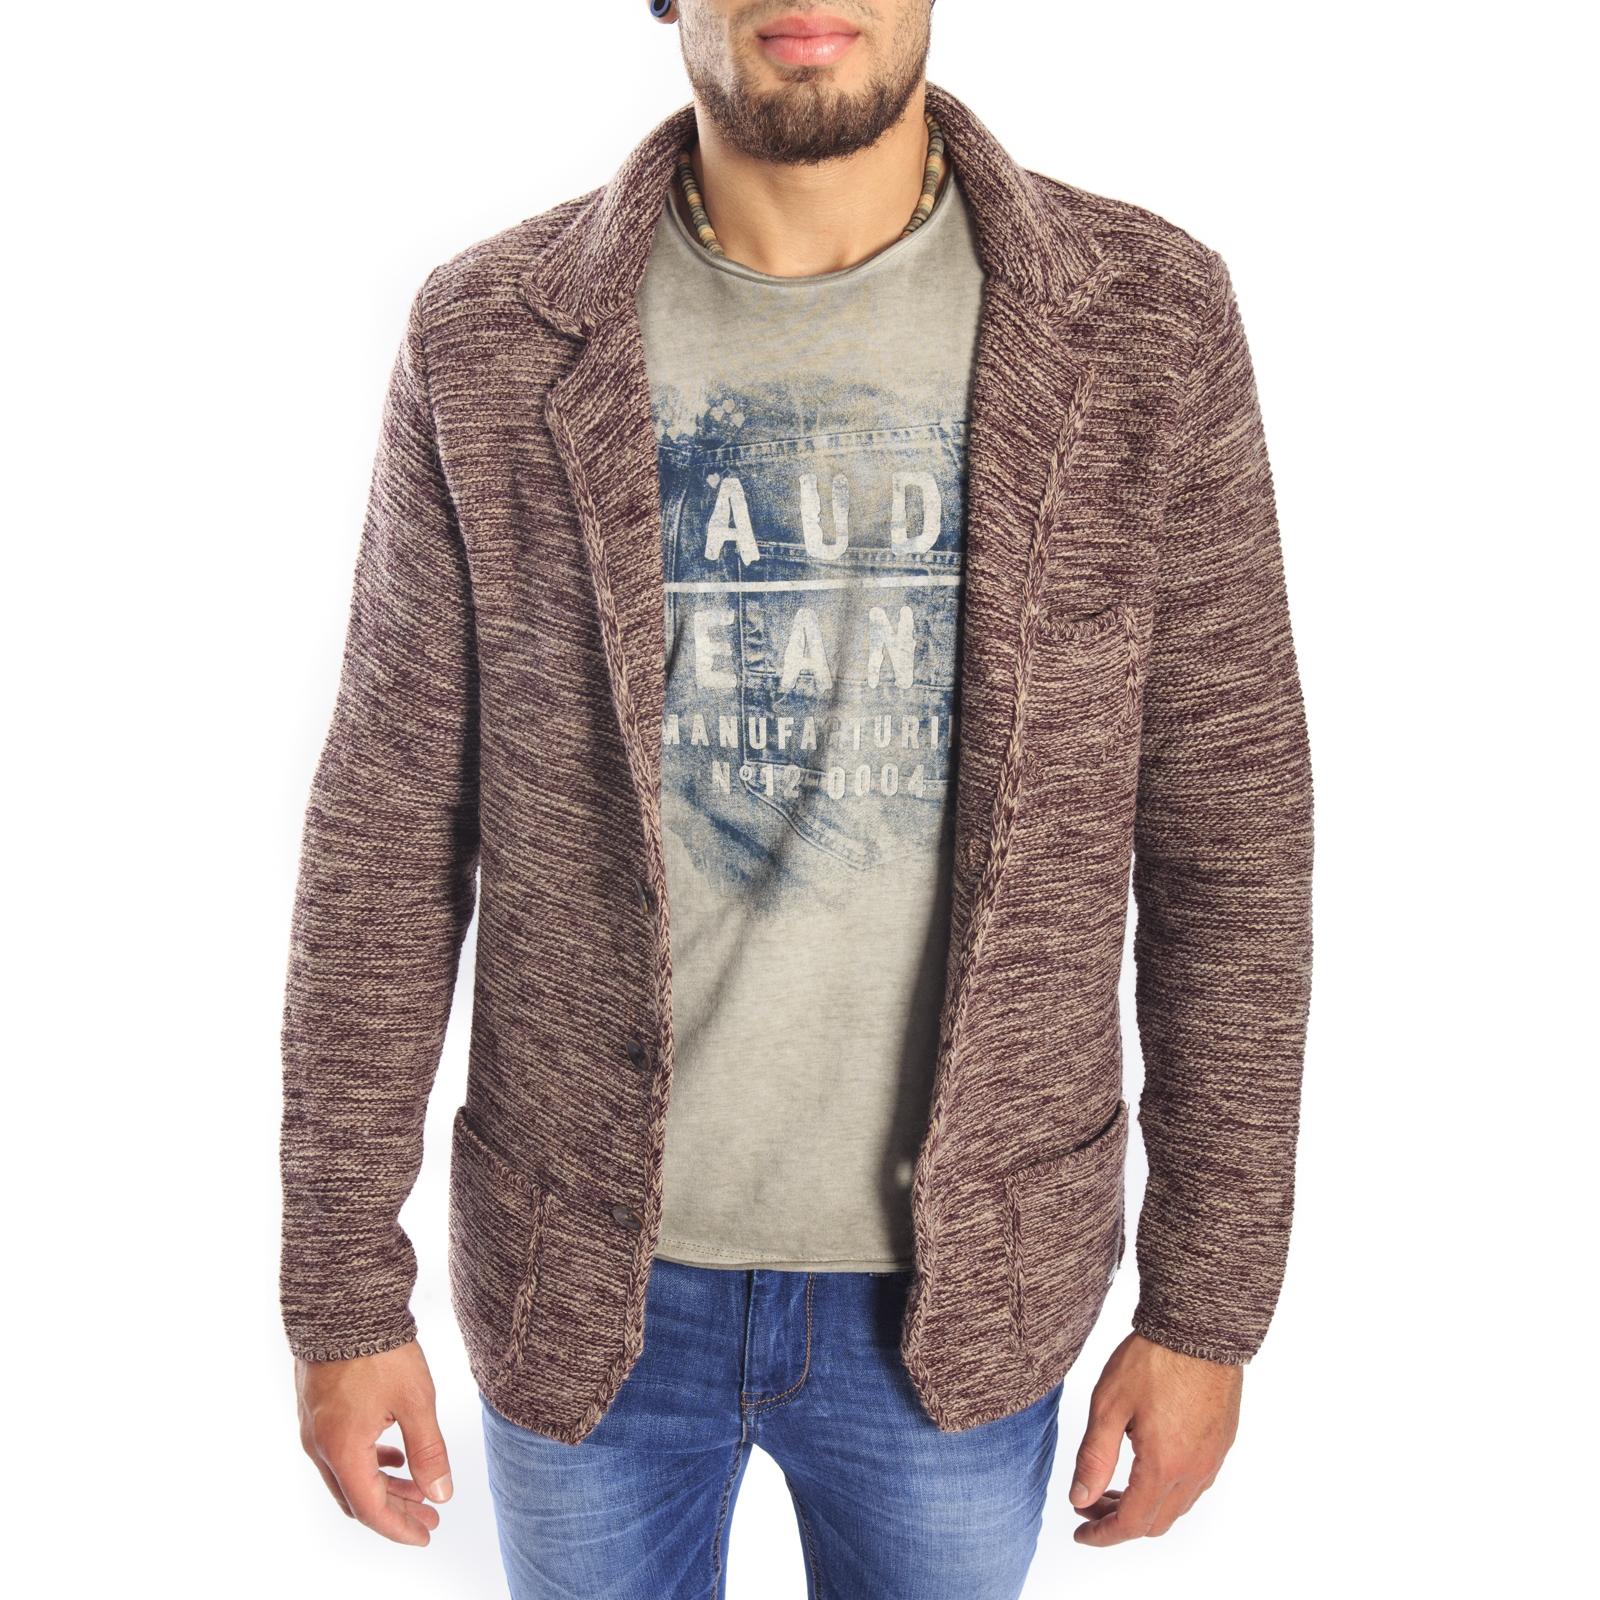 38ea658eff1b Gaudi Jeans - knit jacket beige   bordeaux 52bu56001